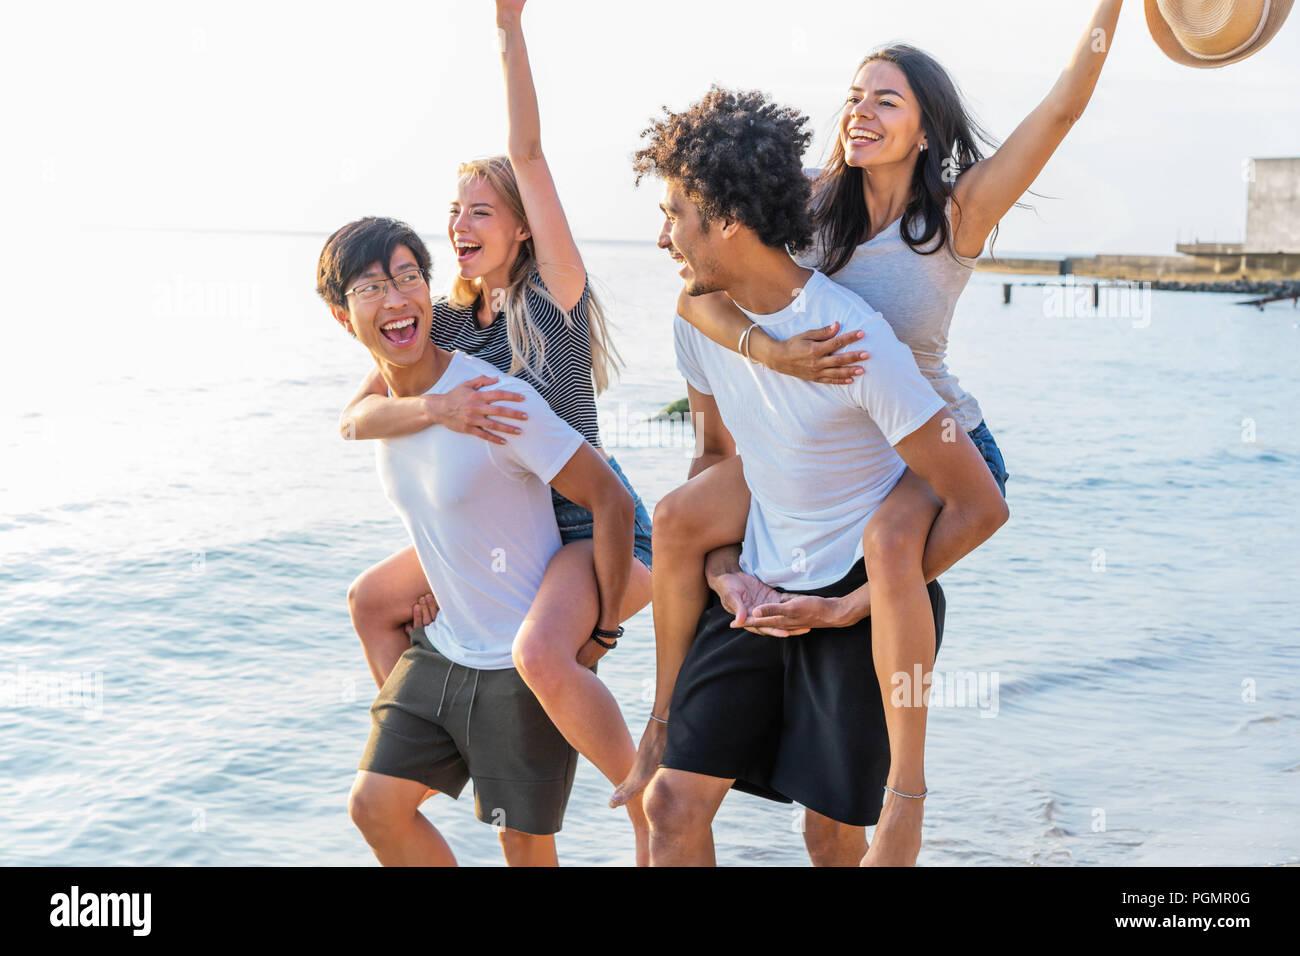 Groupe d'amis, marcher le long de la plage, avec des hommes en donnant piggyback ride à leur petite amie. Heureux les jeunes amis profiter d'une journée à beach Photo Stock